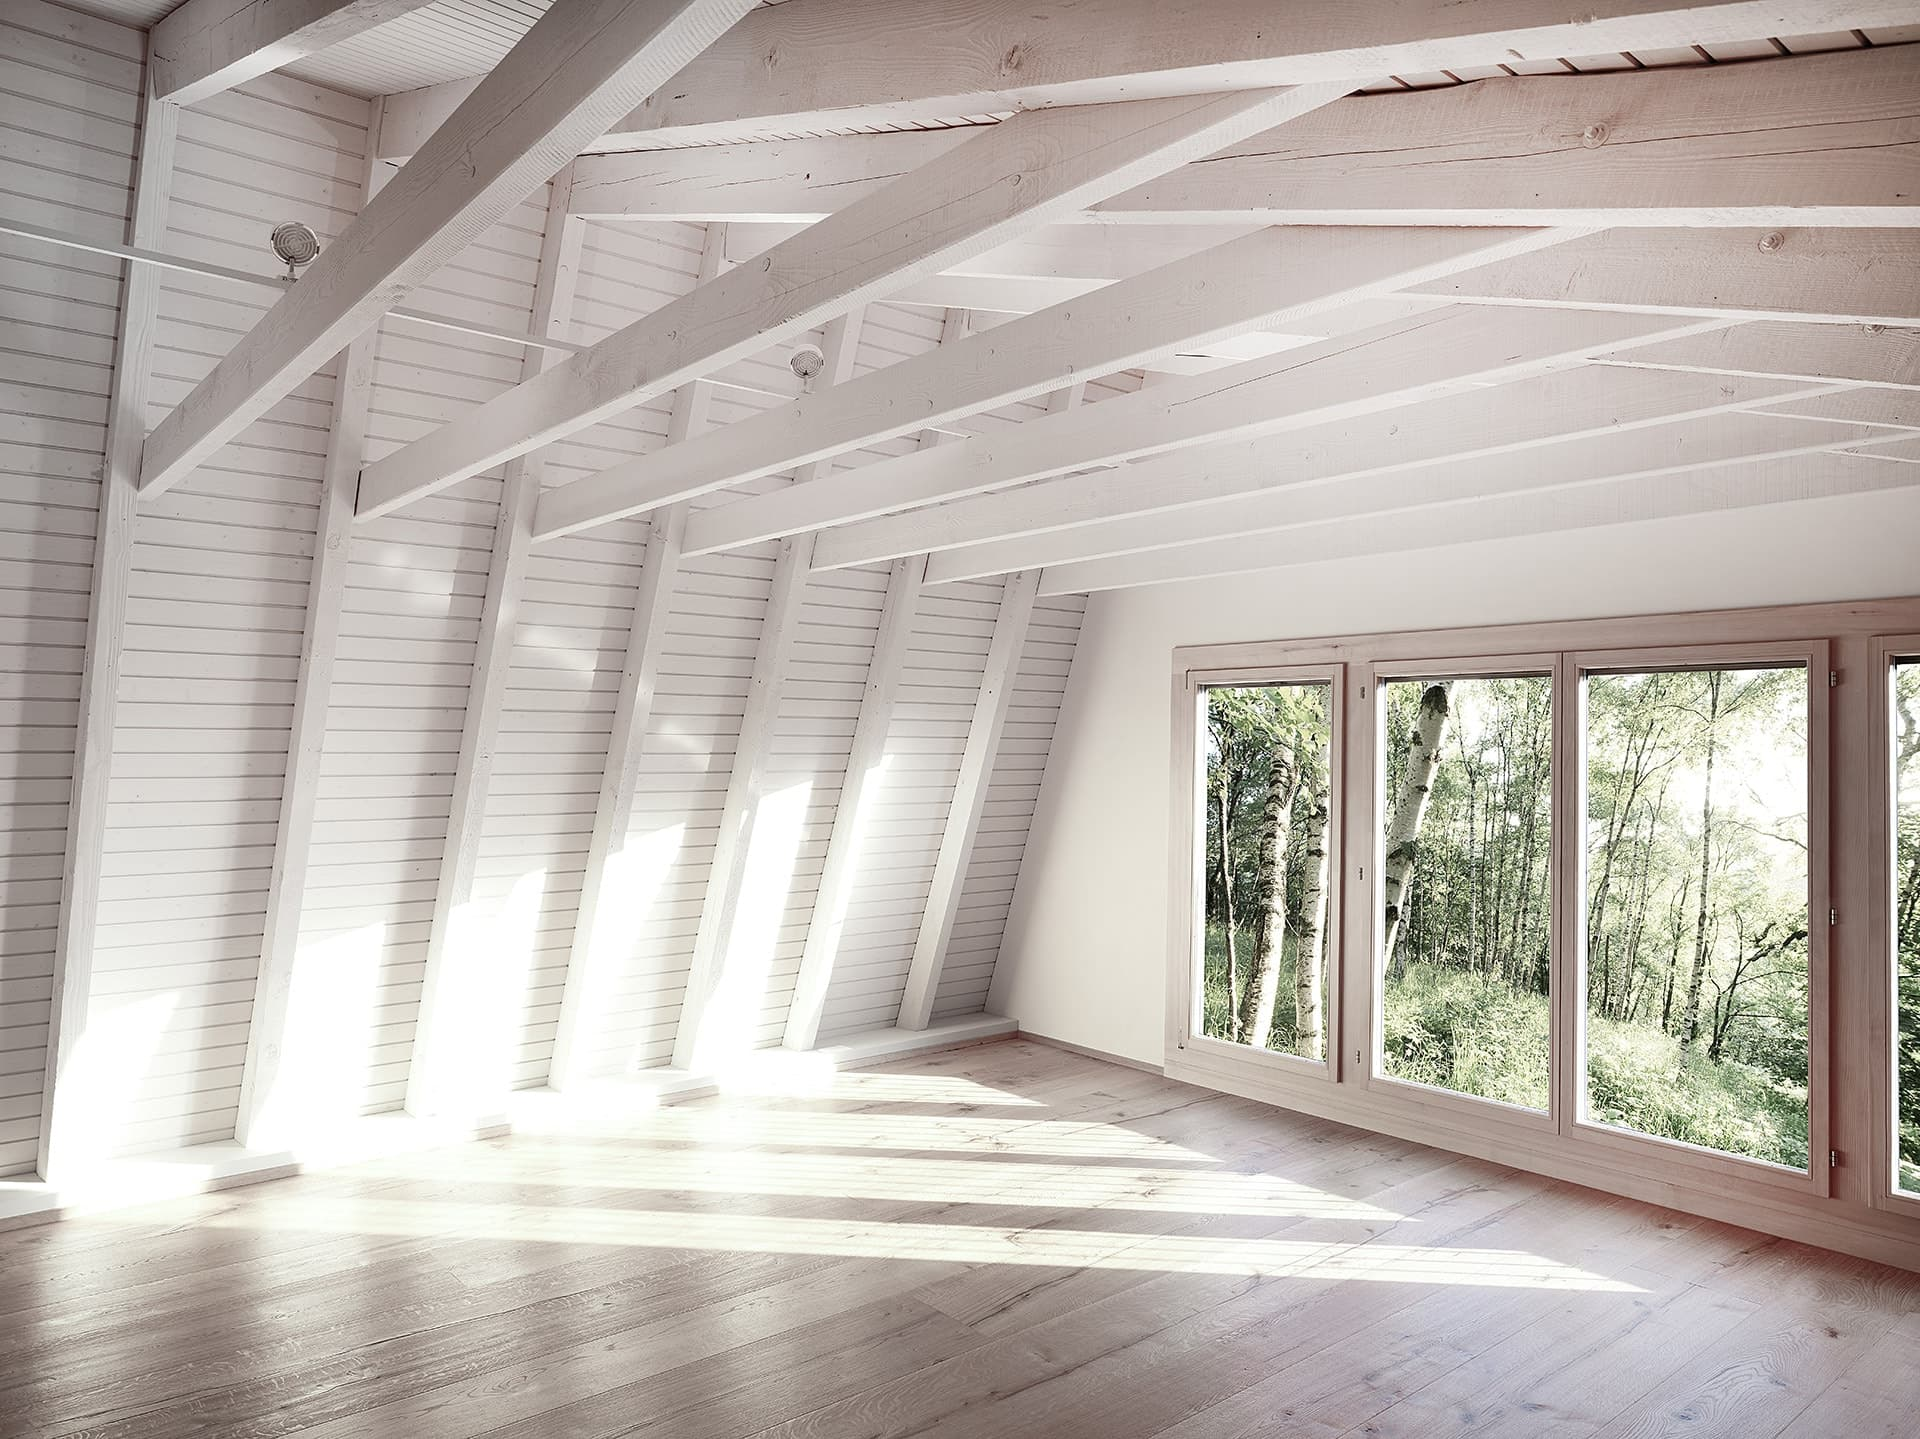 venuti-architects_CF003425-1